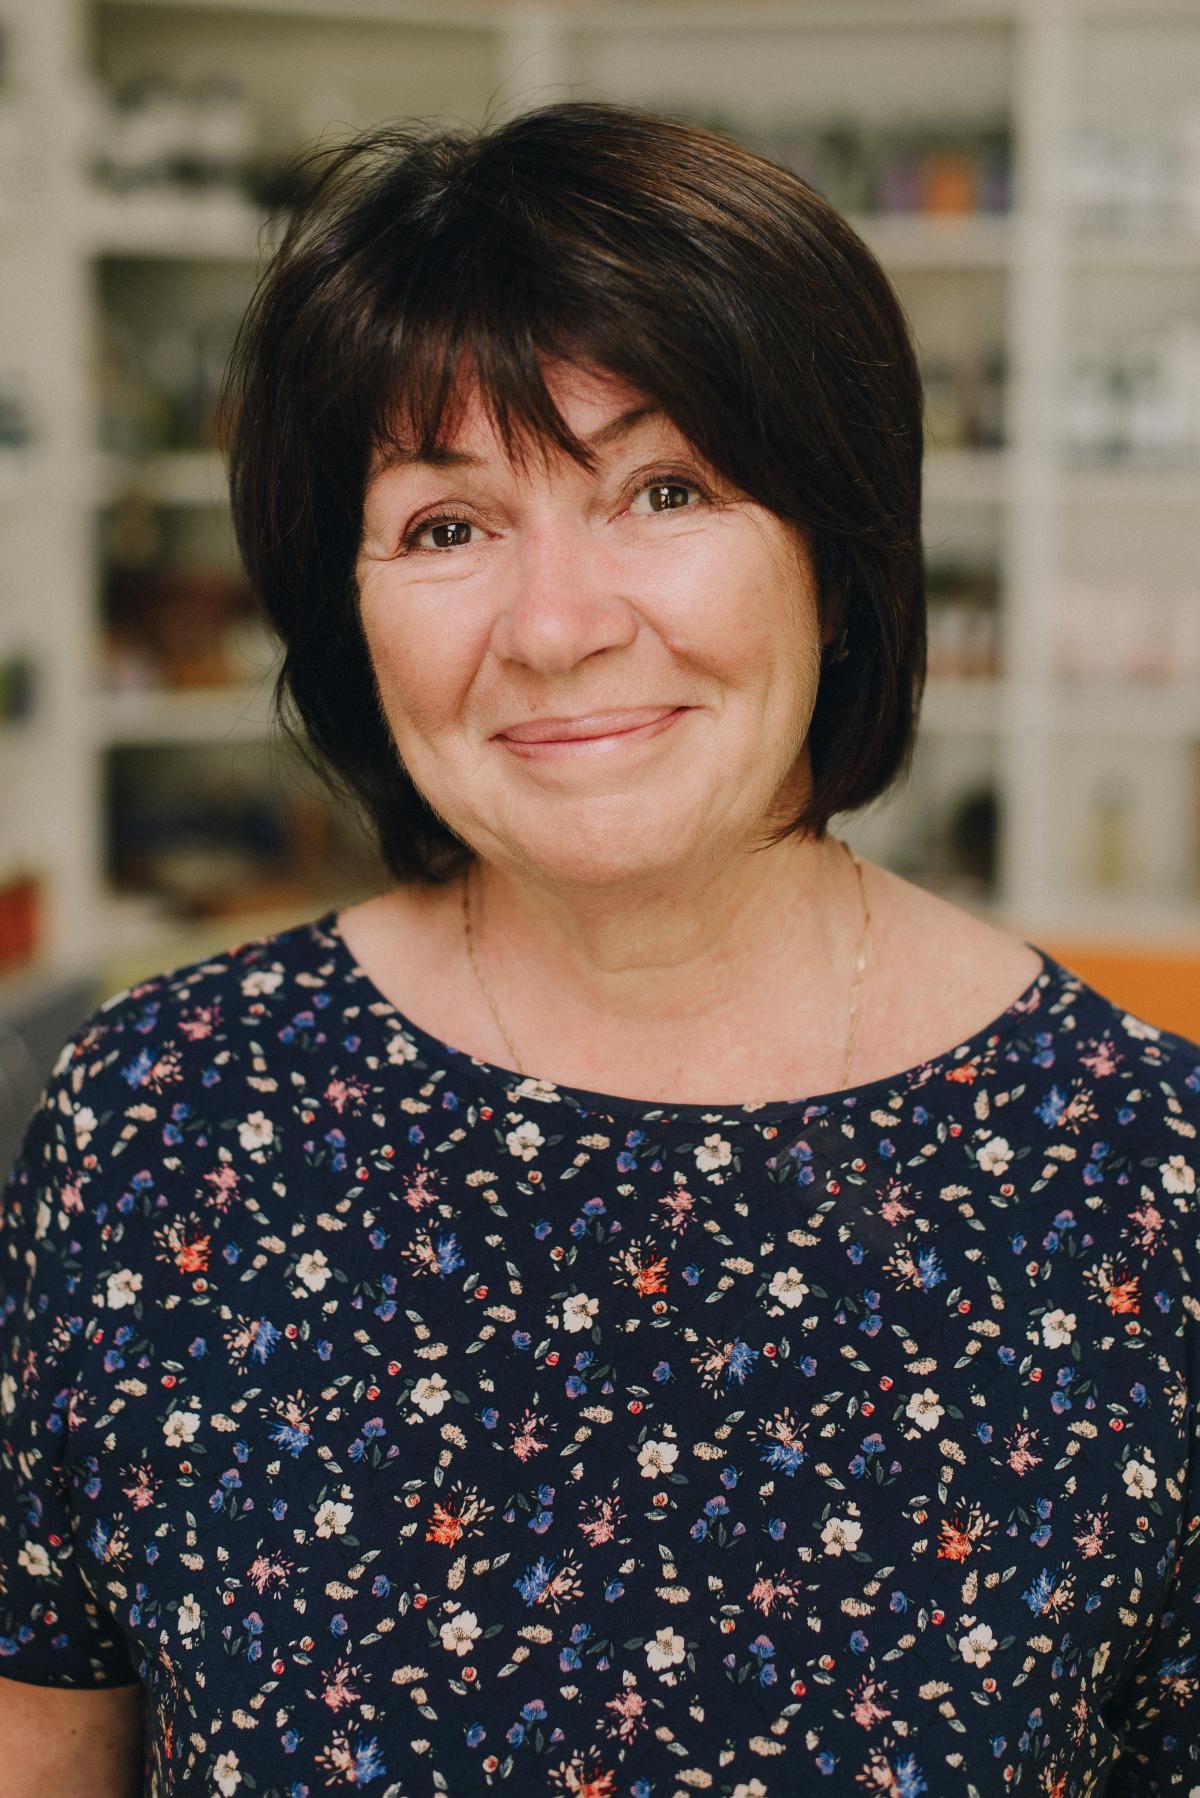 Ирина Тарасевич рассказала, какую косметику покупатели считают натуральной/ фото ЯКА